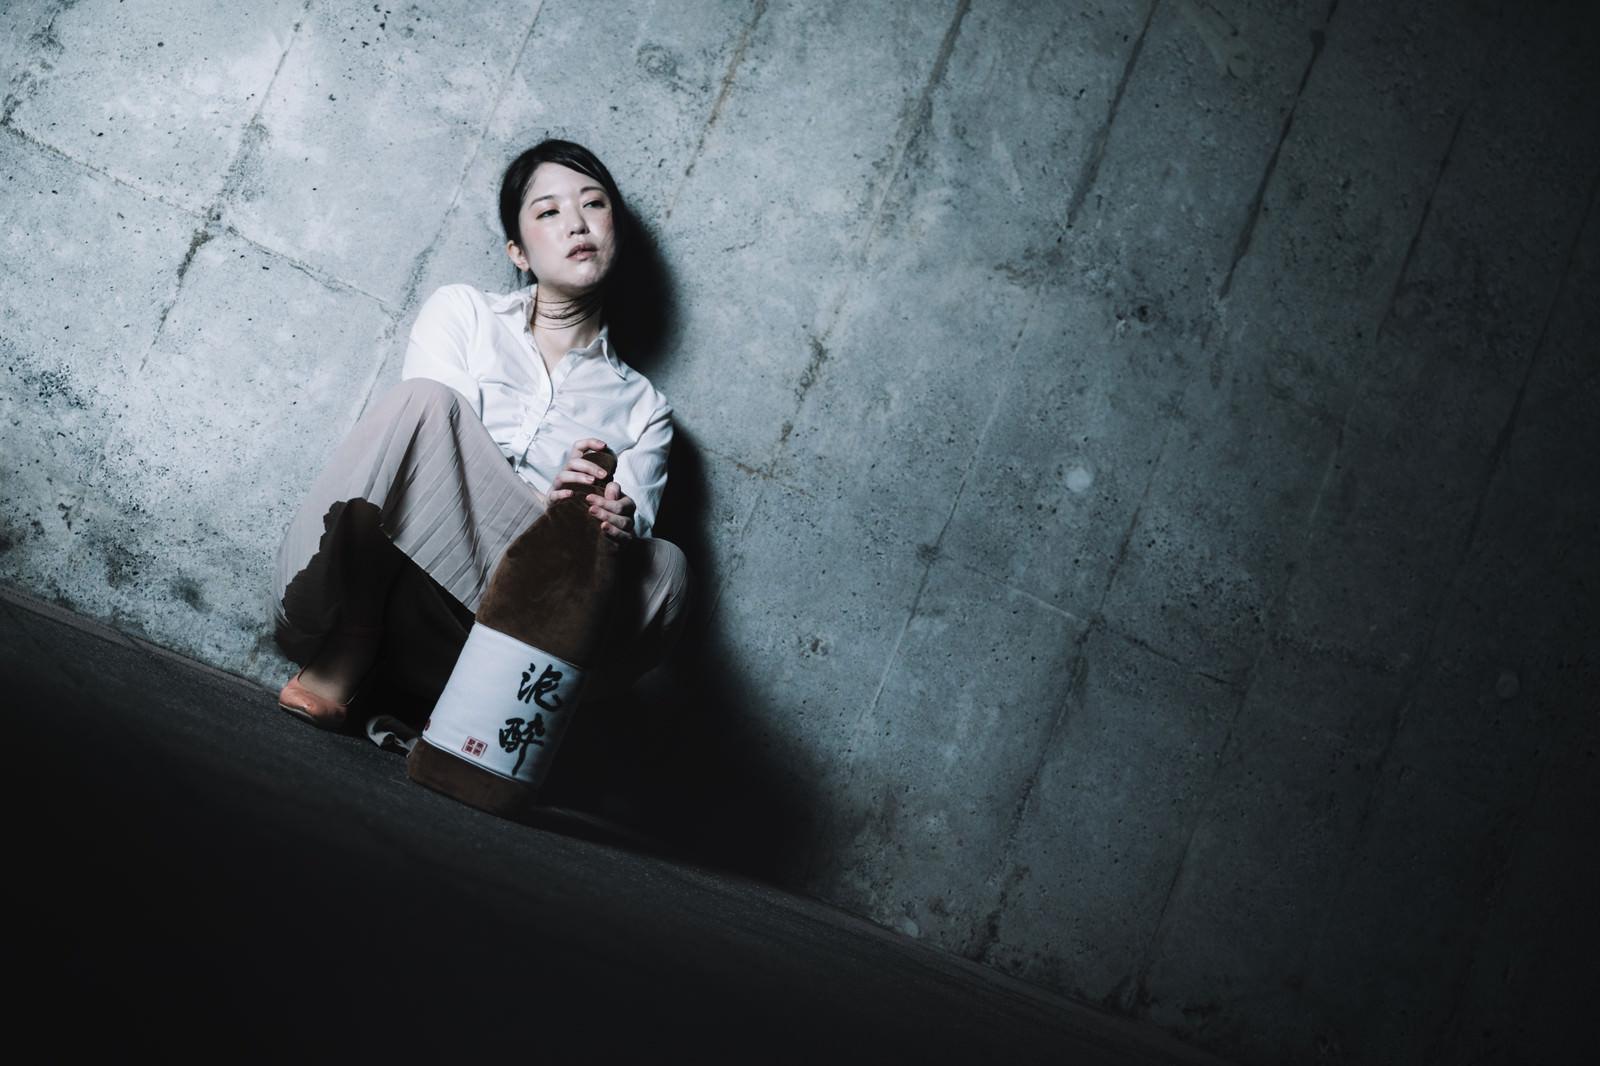 「飲み会、いつの間にかひとりぼっちだった」の写真[モデル:シマヅ]